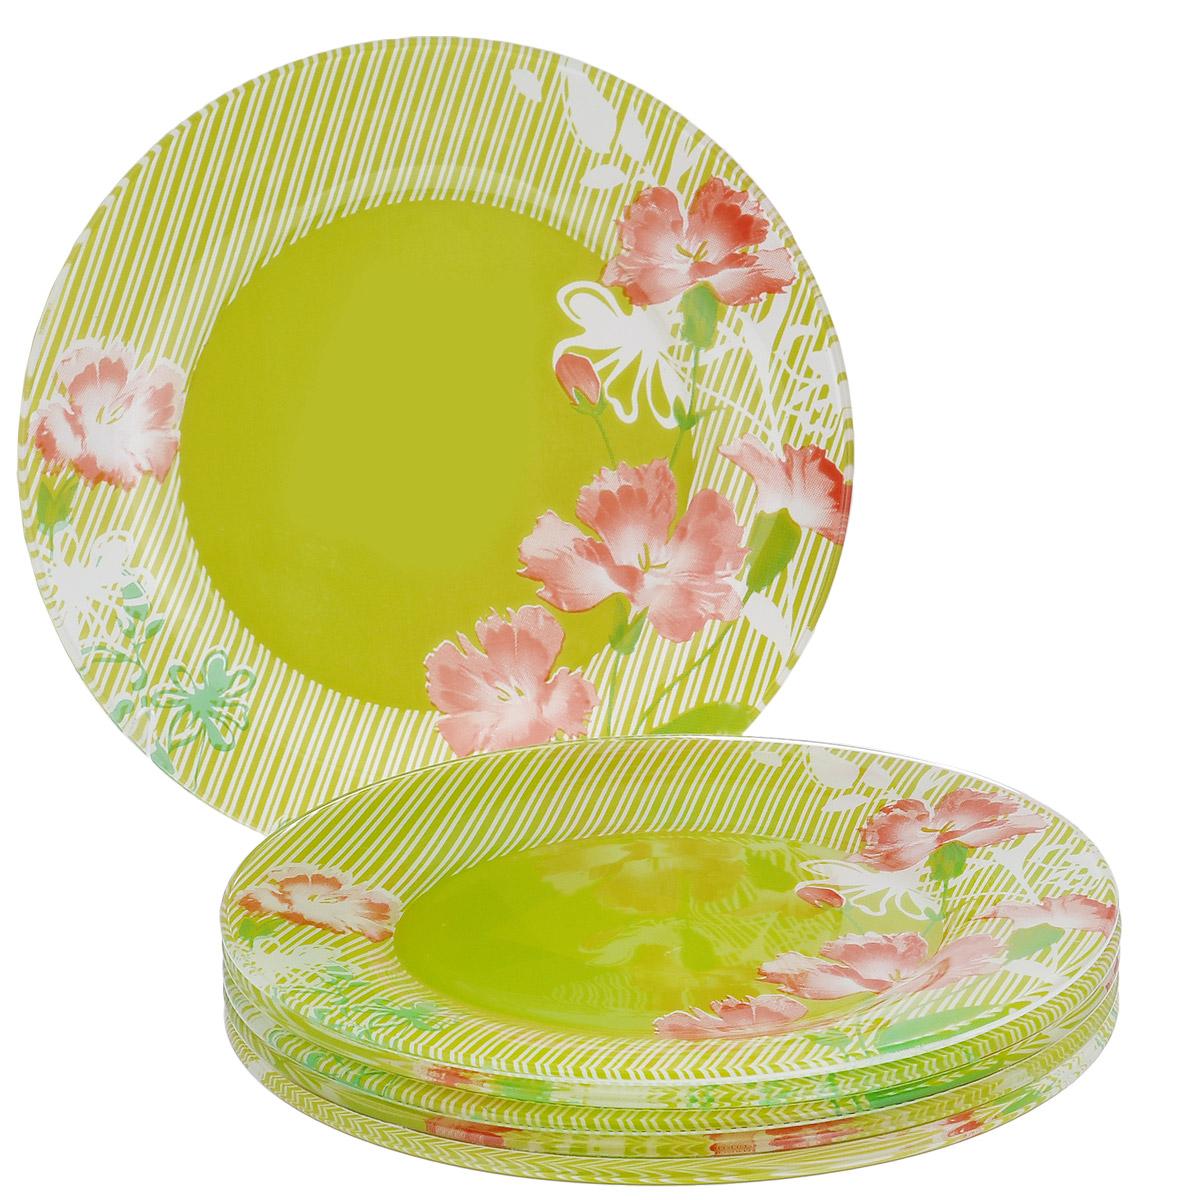 Набор тарелок Цветы, цвет: зеленый, диаметр 17,5 см, 6 штFBP70T-T0924Набор тарелок Цветы, выполненный из высококачественного стекла зеленого цвета, состоит из 6 мелких тарелок. Тарелки оформлены изображением цветов. Они сочетают в себе изысканный дизайн с максимальной функциональностью. Оригинальность оформления тарелок придется по вкусу и ценителям классики, и тем, кто предпочитает утонченность и изящность.Набор тарелок послужит отличным подарком к любому празднику.